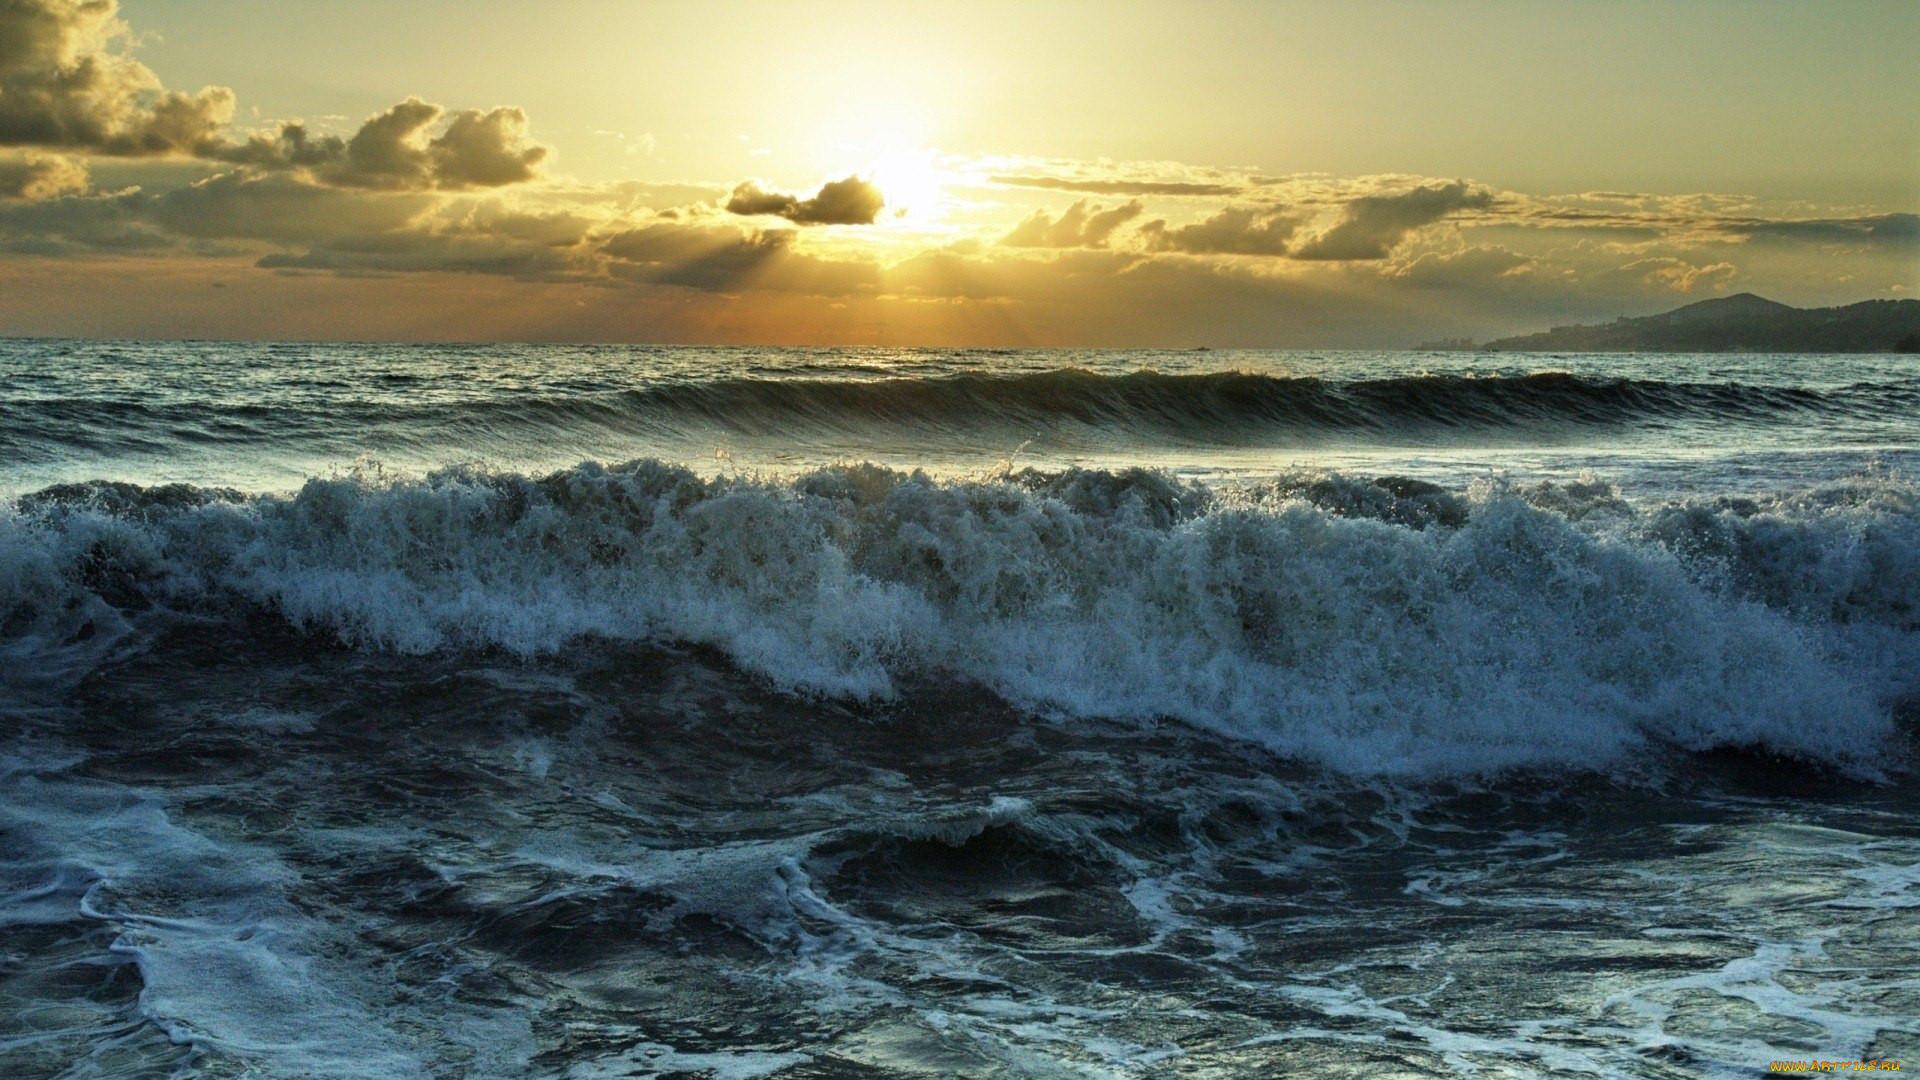 море бушует фото красивые задают вопросы